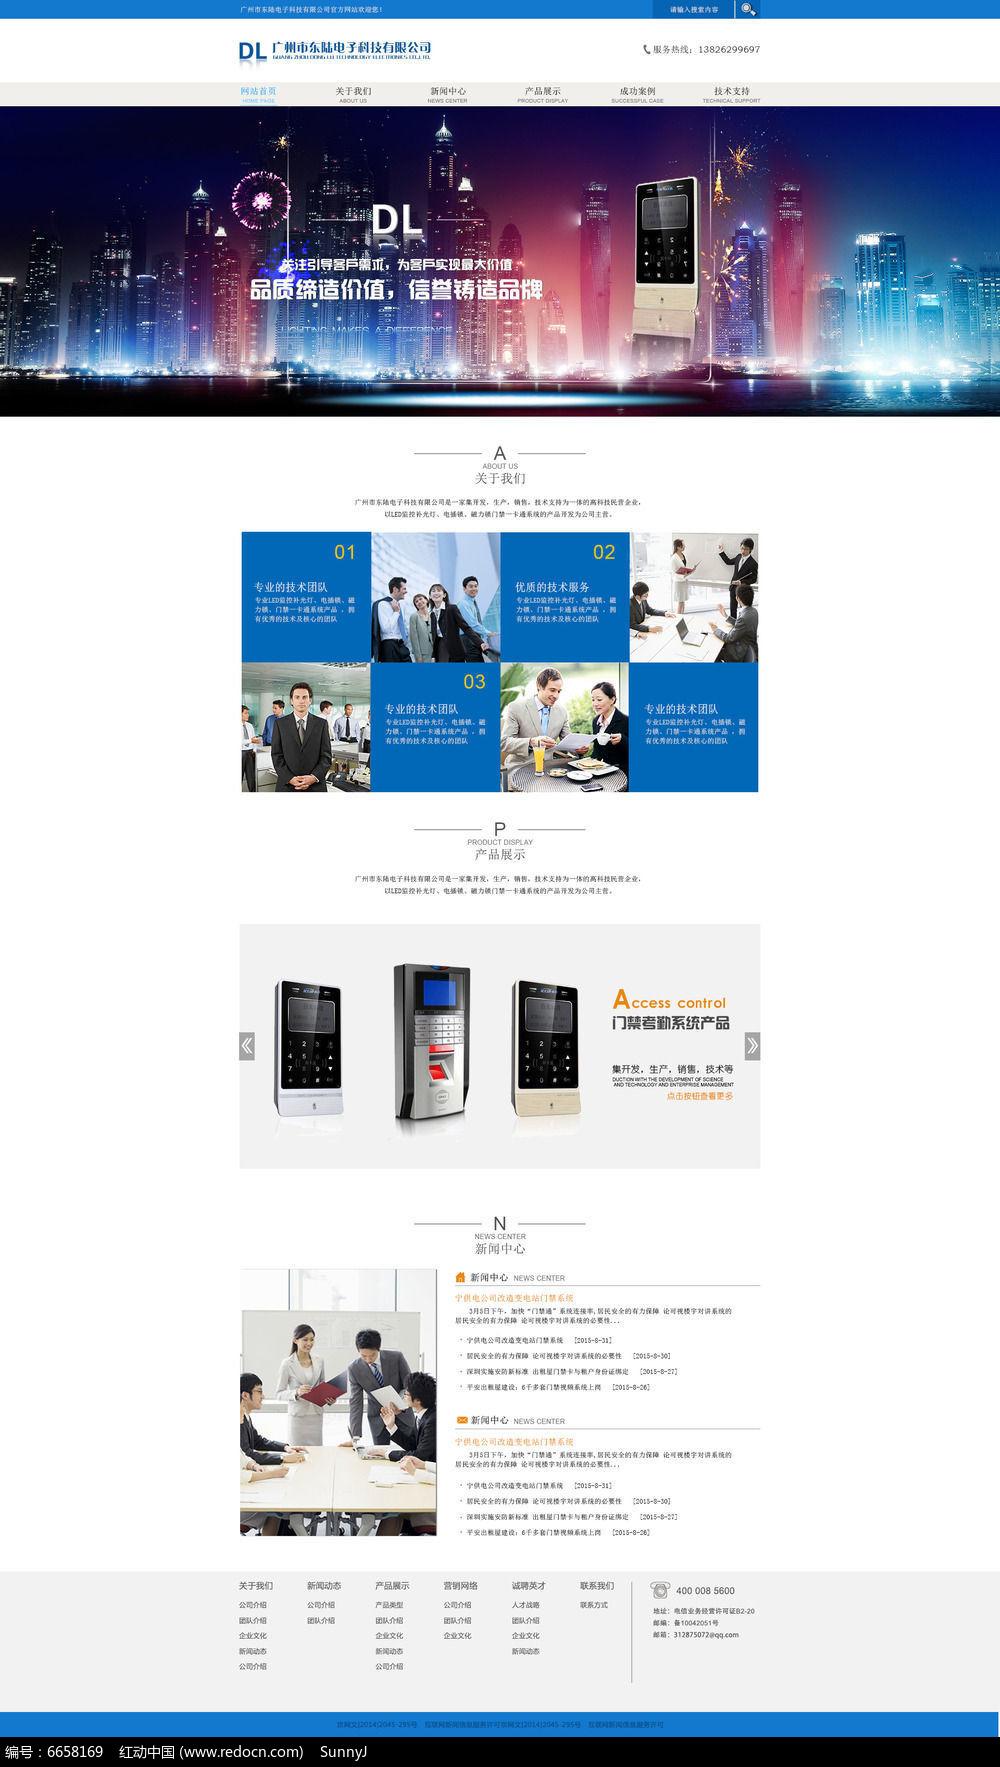 企业官方网站设计模板图片